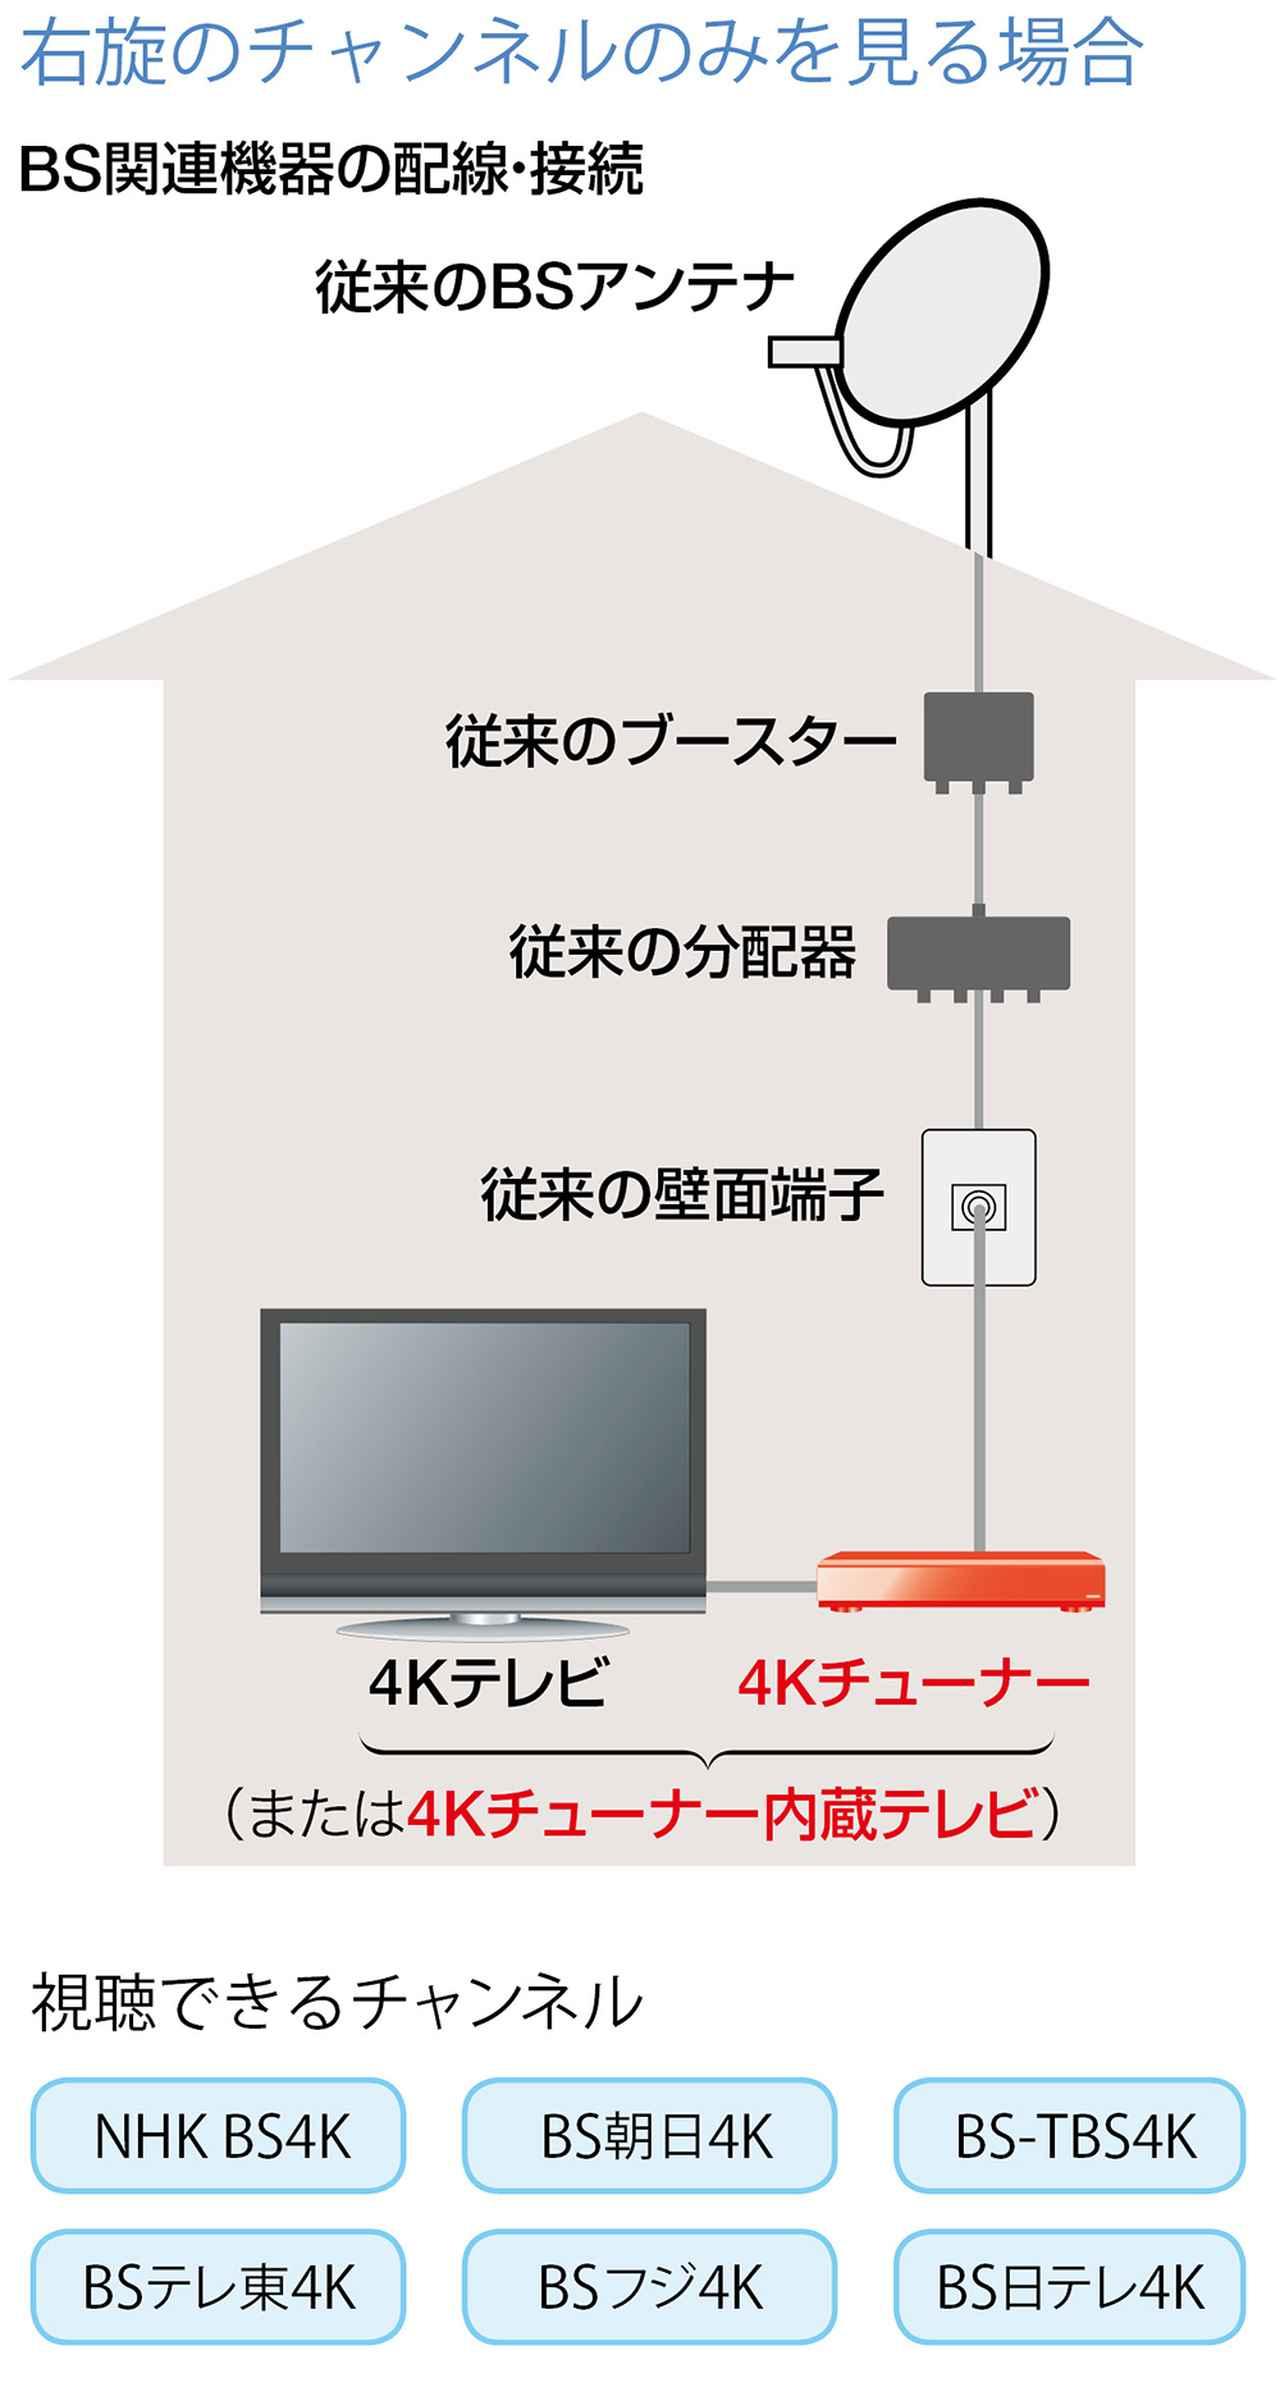 画像: ※従来のBS/110度CS(2K)放送は右旋なので、上図のいずれの施設であっても受信・視聴が可能。